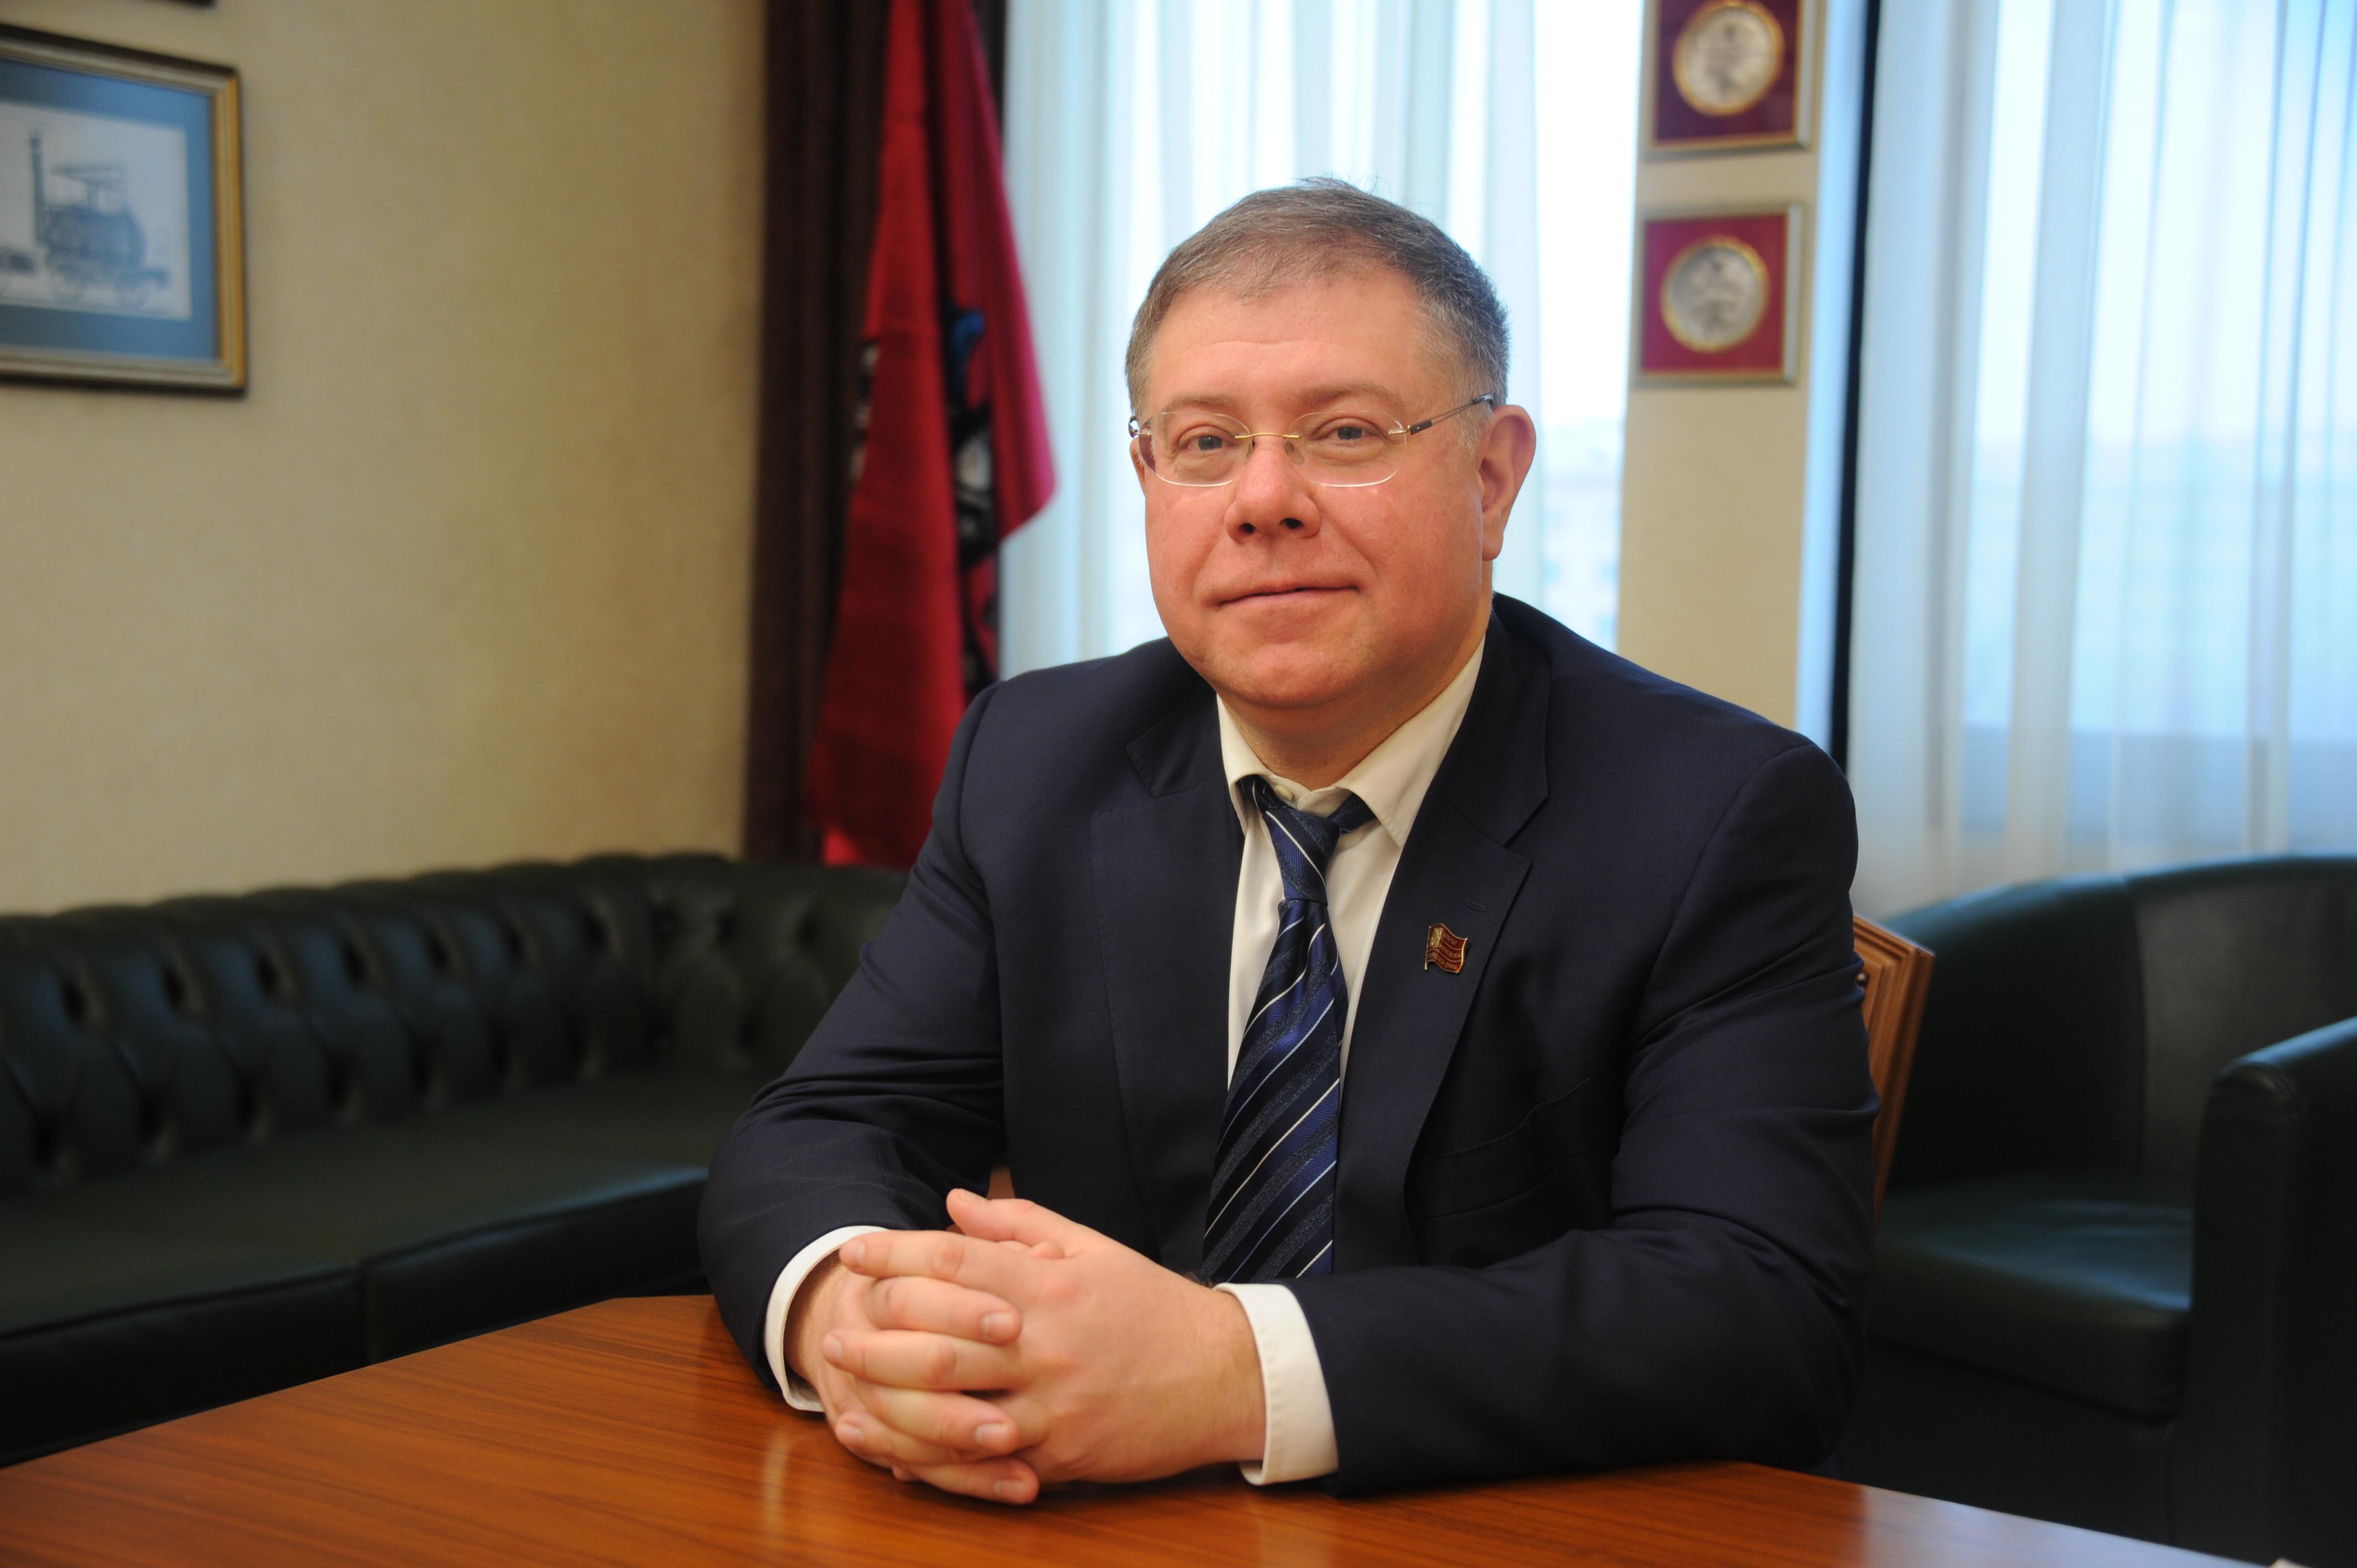 Степан Орлов: Процесс интеграции транспортных систем Москвы и Подмосковья набирает обороты